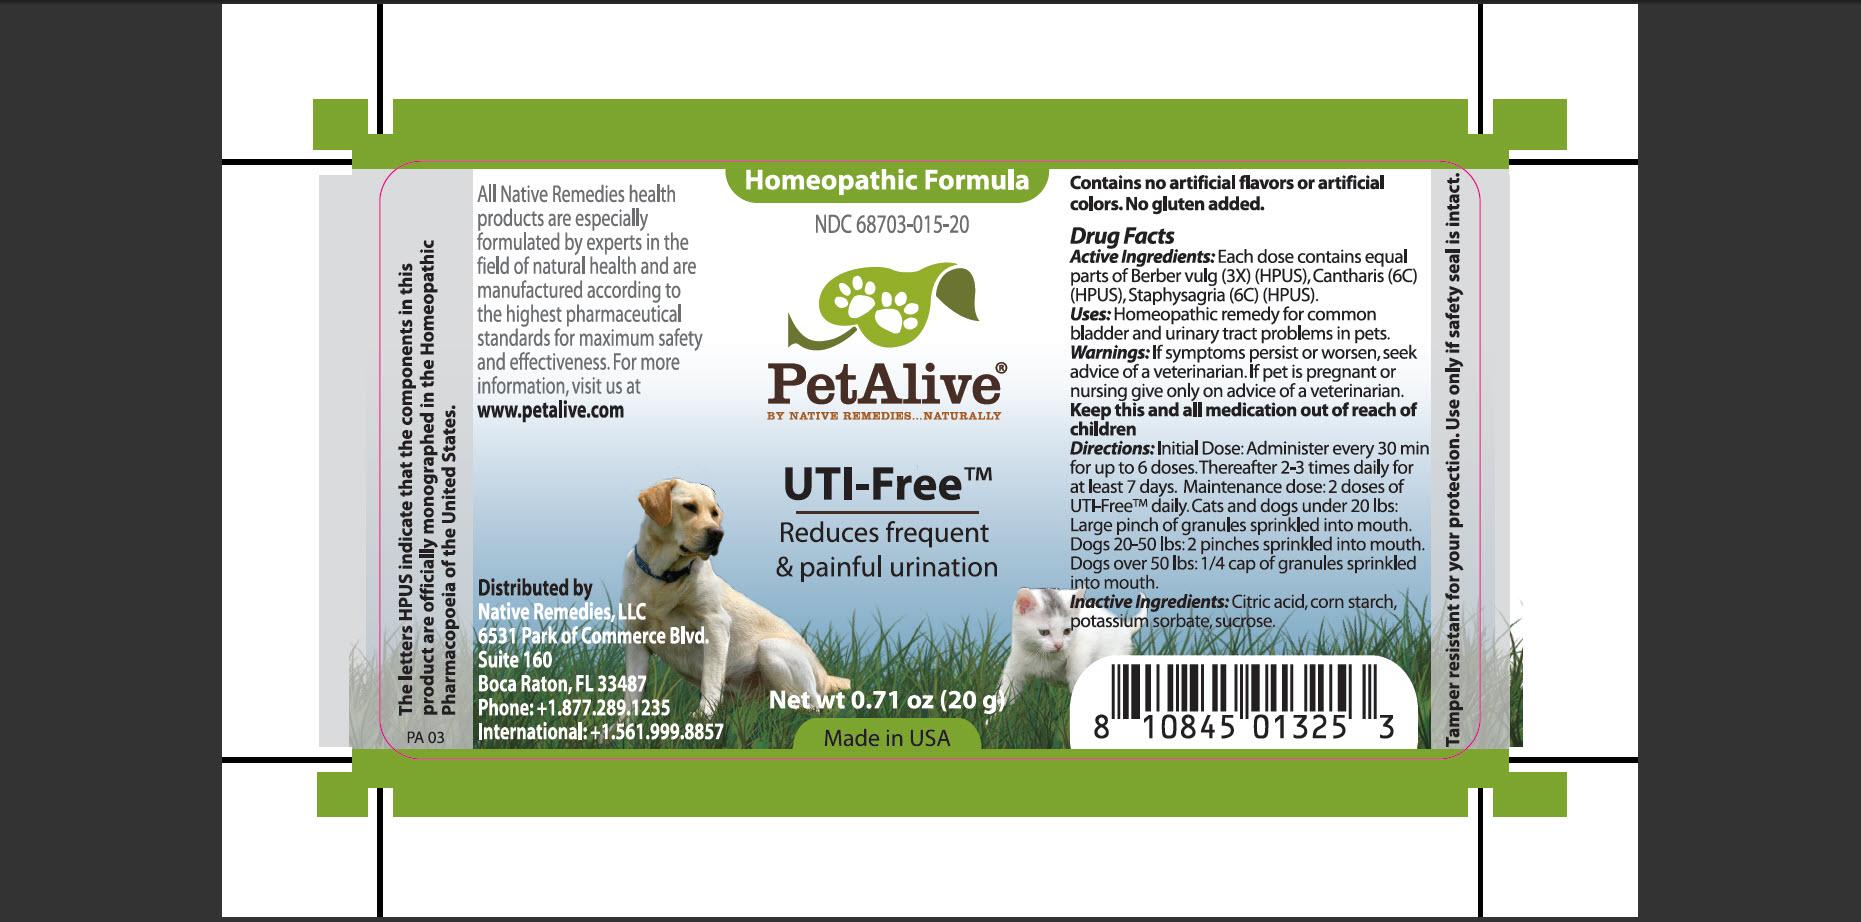 Petalive Uti-free (Berber Vulg, Cantharis, Staphysagria) Granule [Native Remedies, Llc]